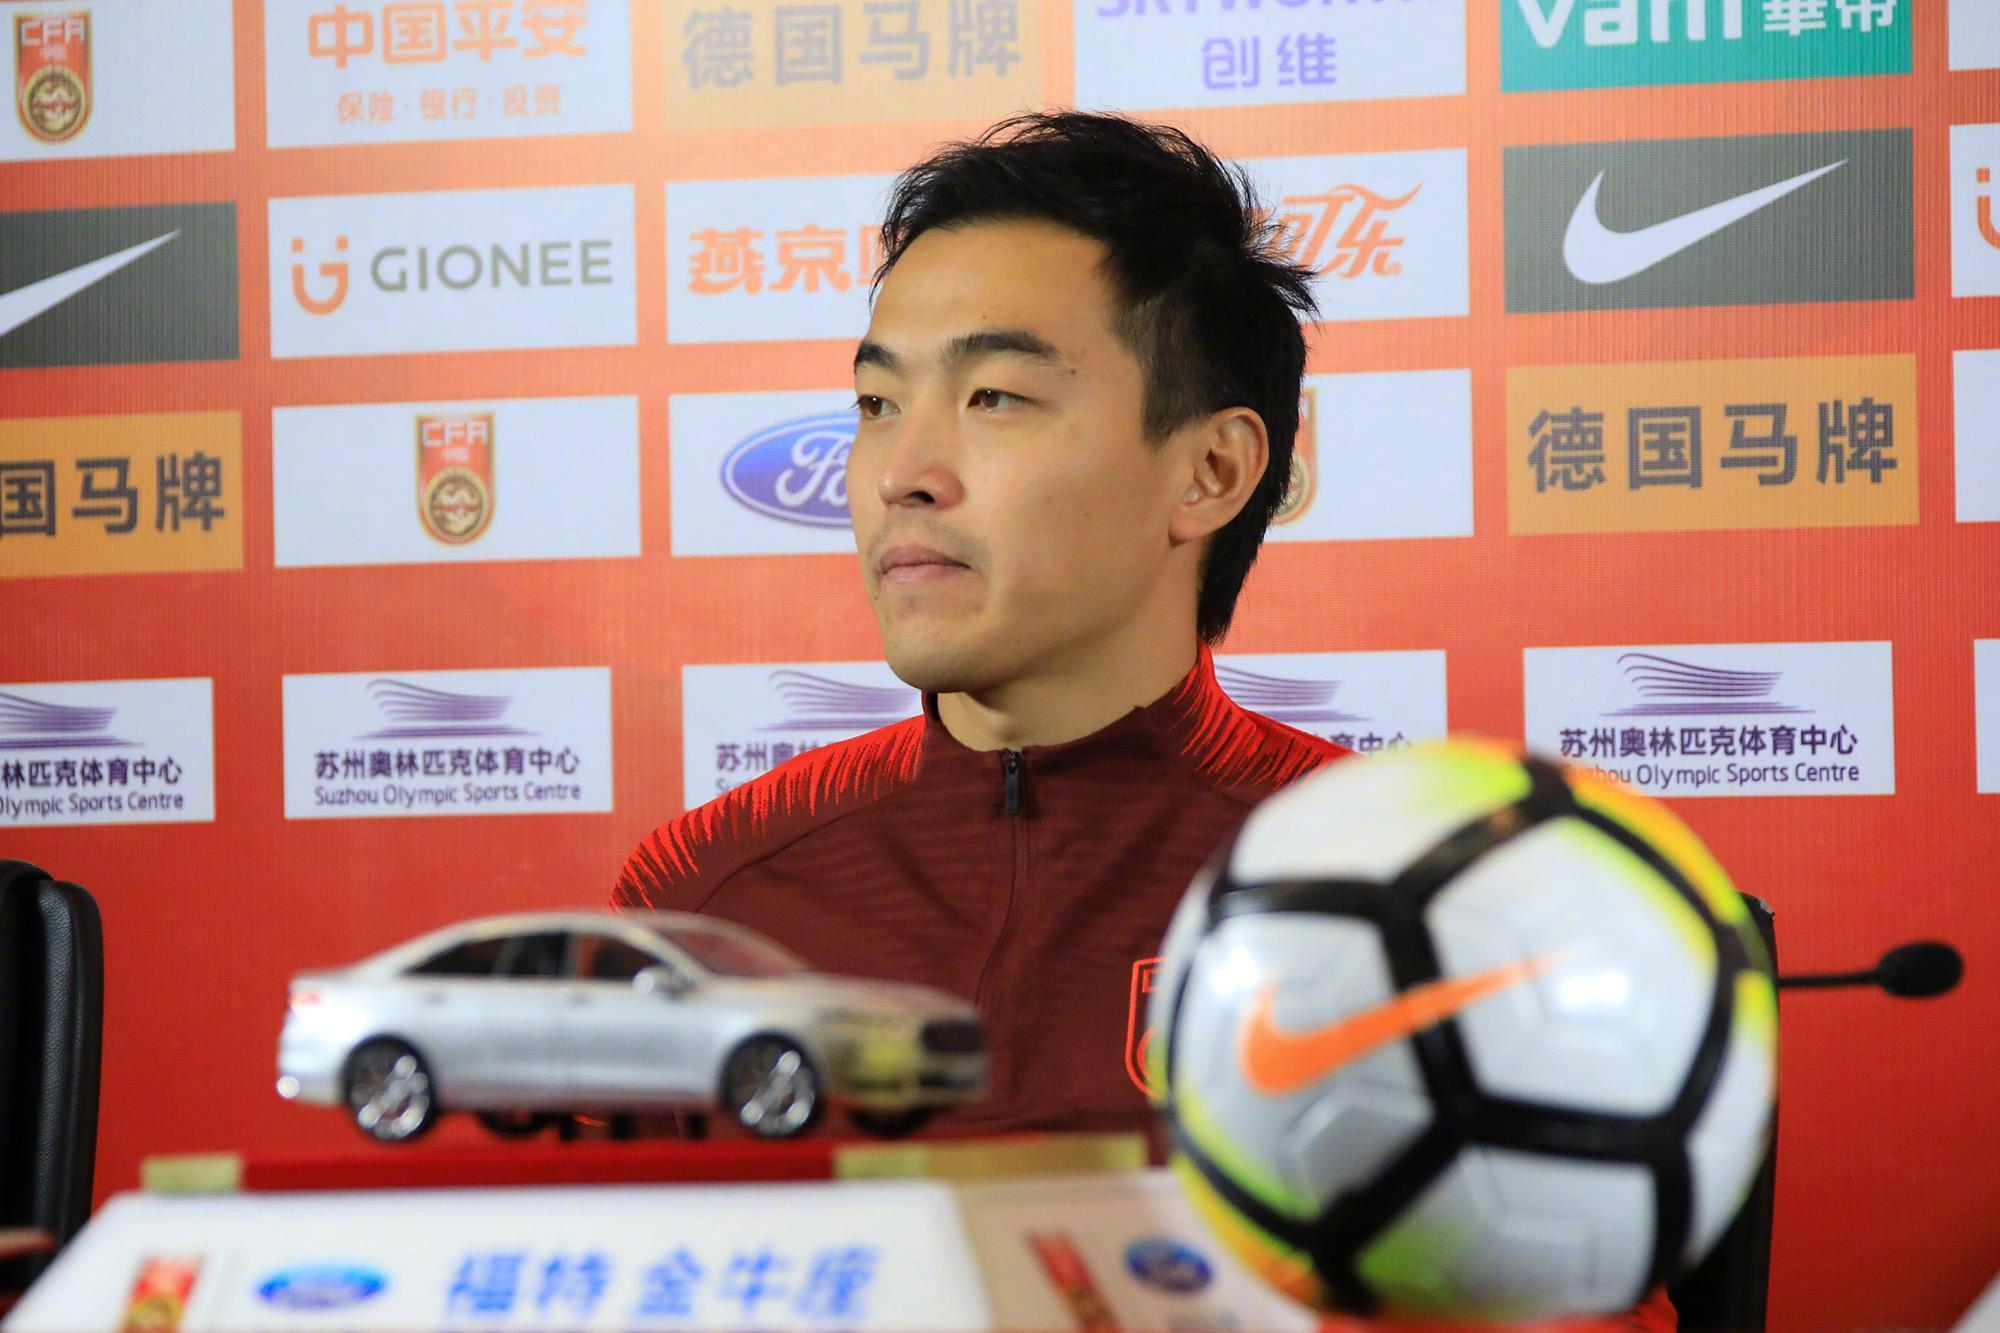 冯潇霆:代表国足定会全力以赴,回俱乐部再考虑联赛